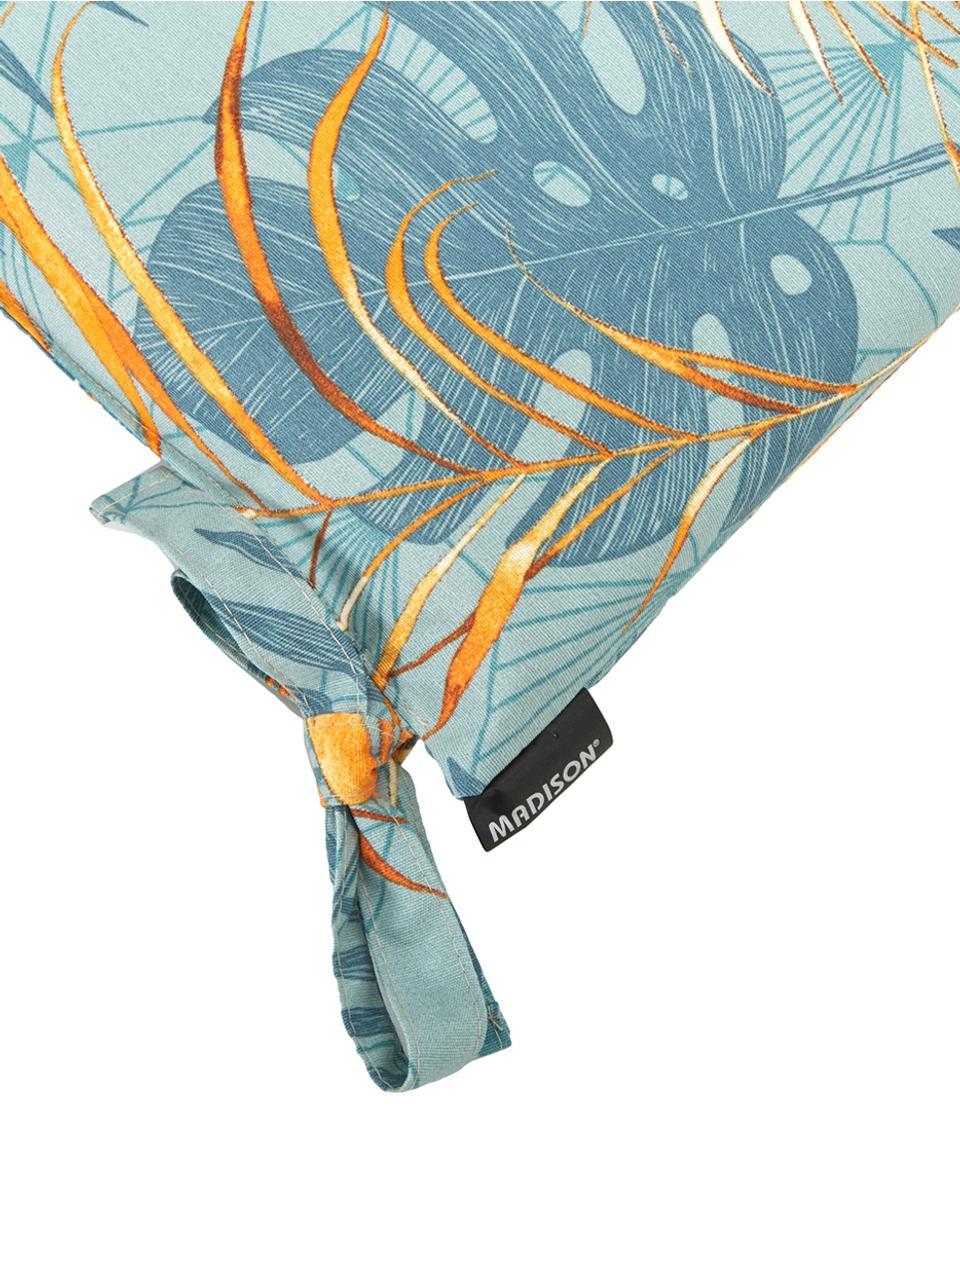 Poduszka na siedzisko Dotan, Tapicerka: 50% bawełna, 45% polieste, Jasny niebieski, niebieski, pomarańczowy, S 45 x D 45 cm